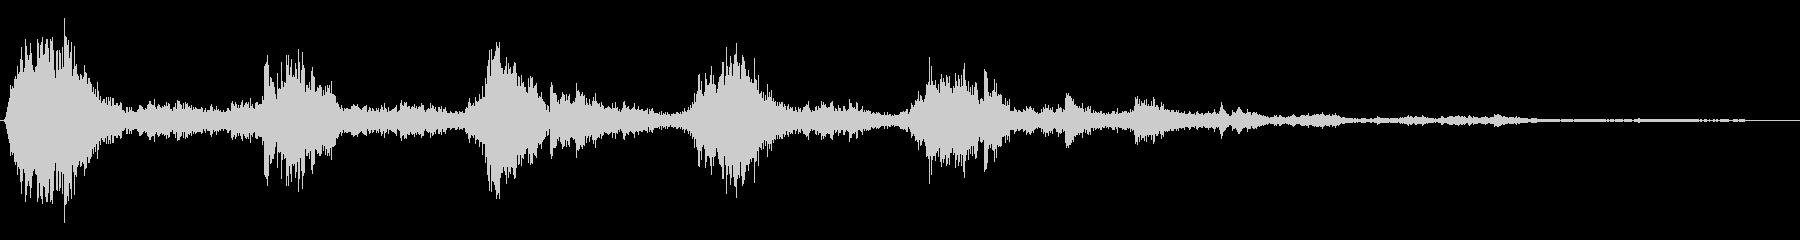 カランカラン(金属が擦り合う効果音)の未再生の波形